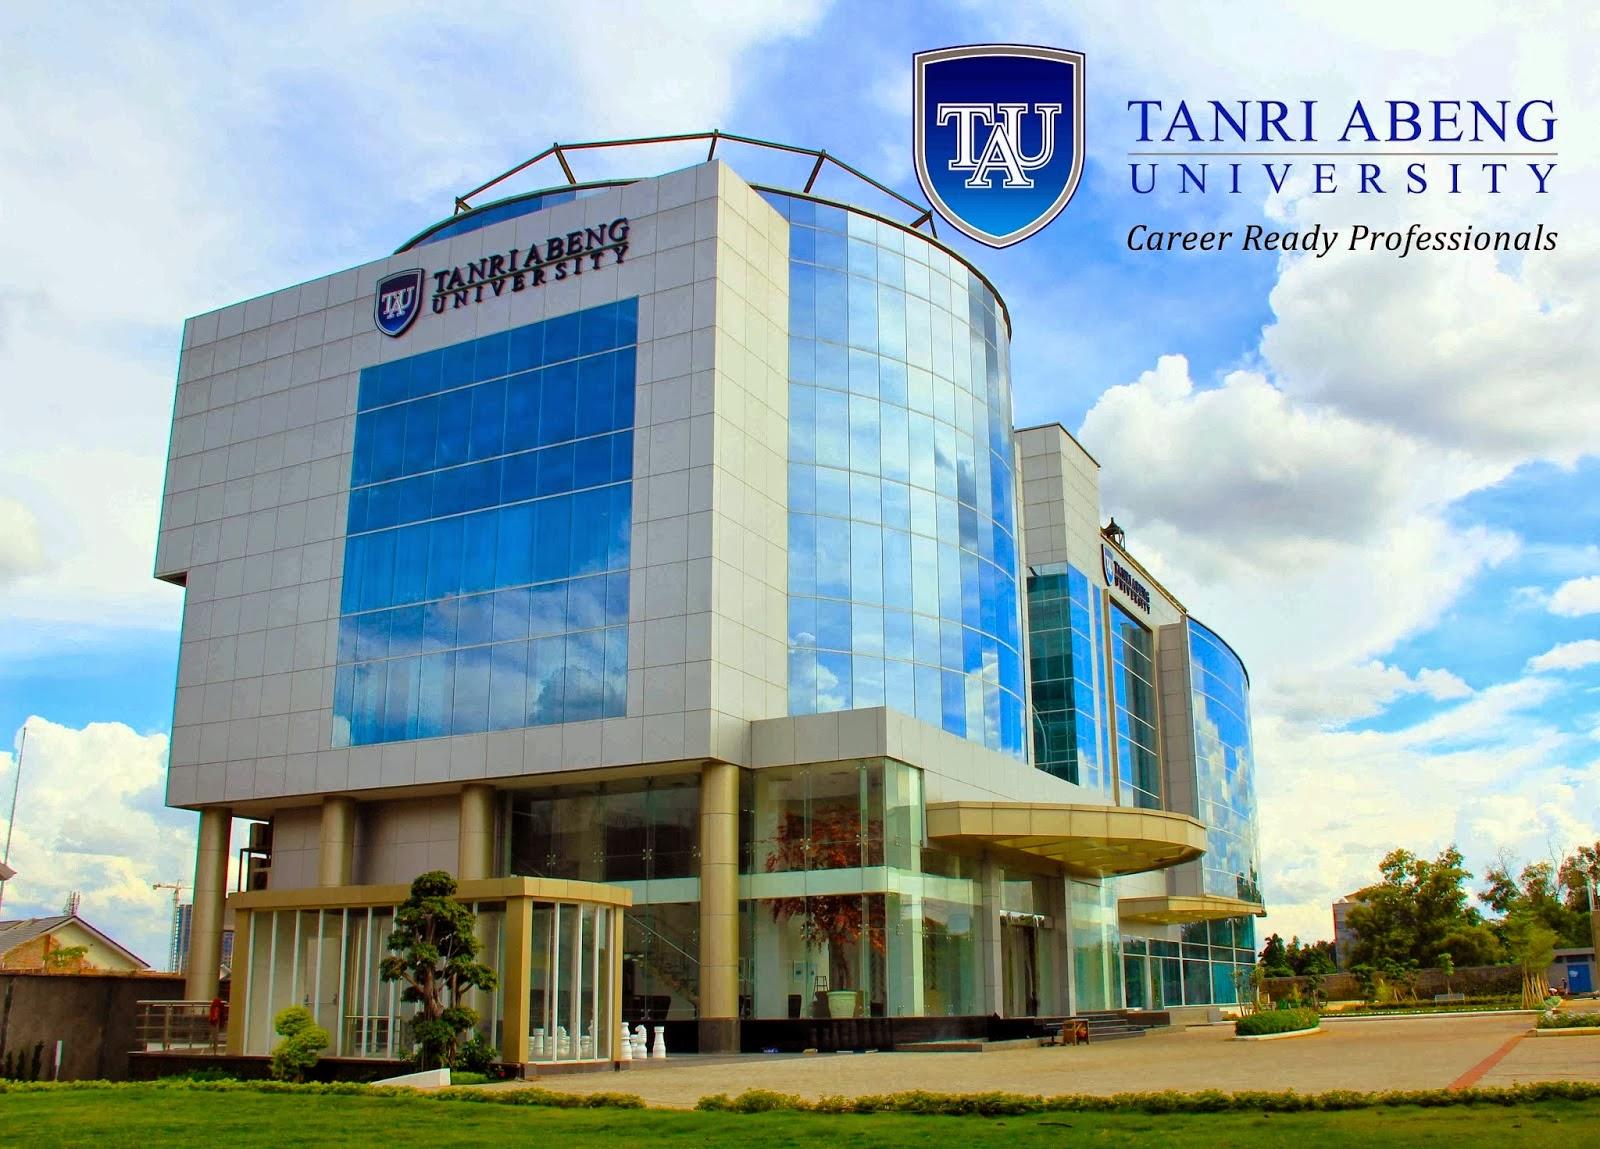 Biaya Kuliah Tanri Abeng University (TAU) Jakarta